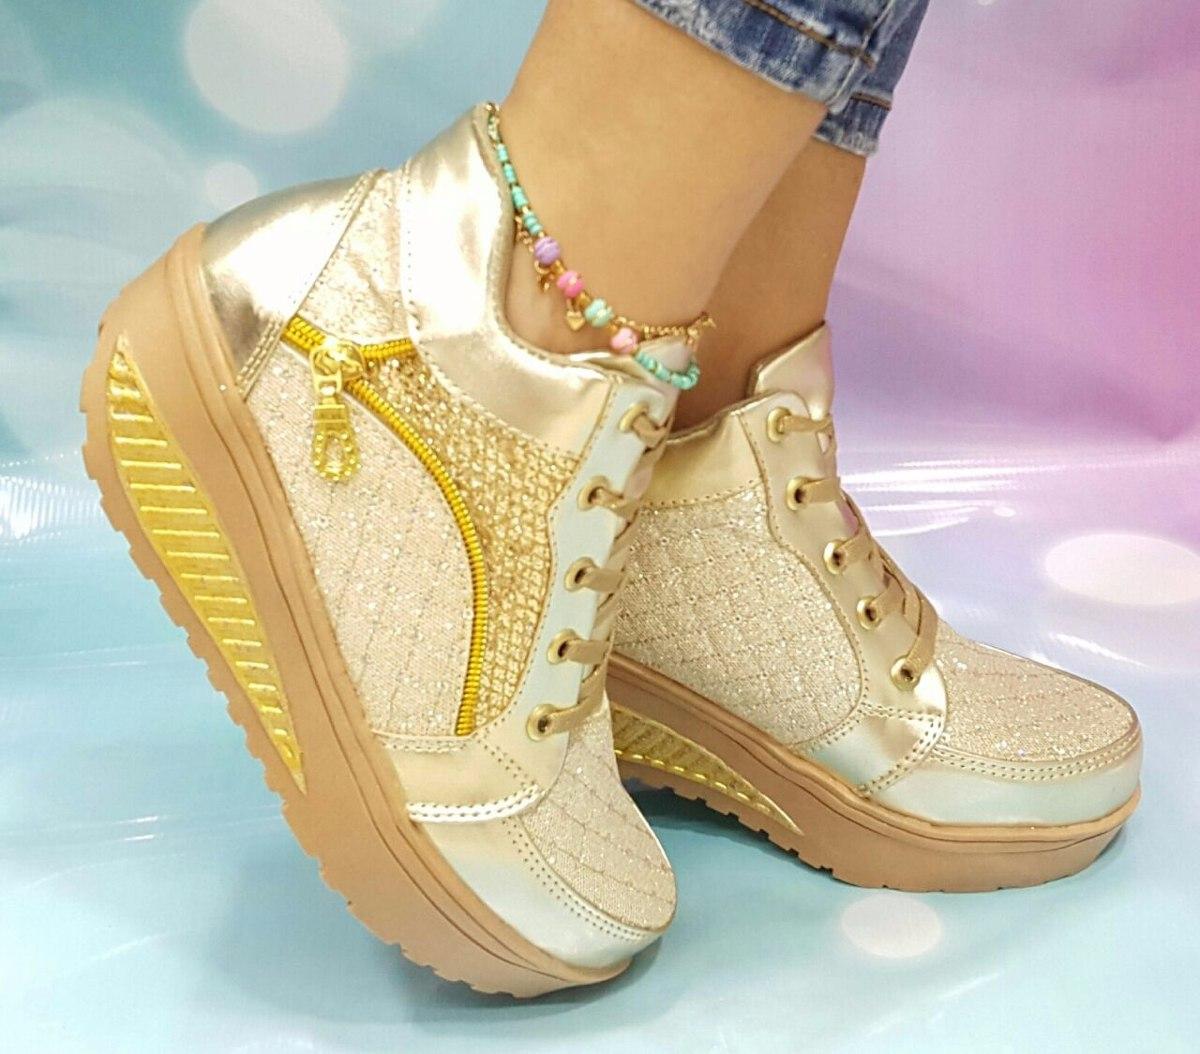 200c2f0e Calzado Tendencia En Colombia Moda Zapatos Para Dama Mujer ...